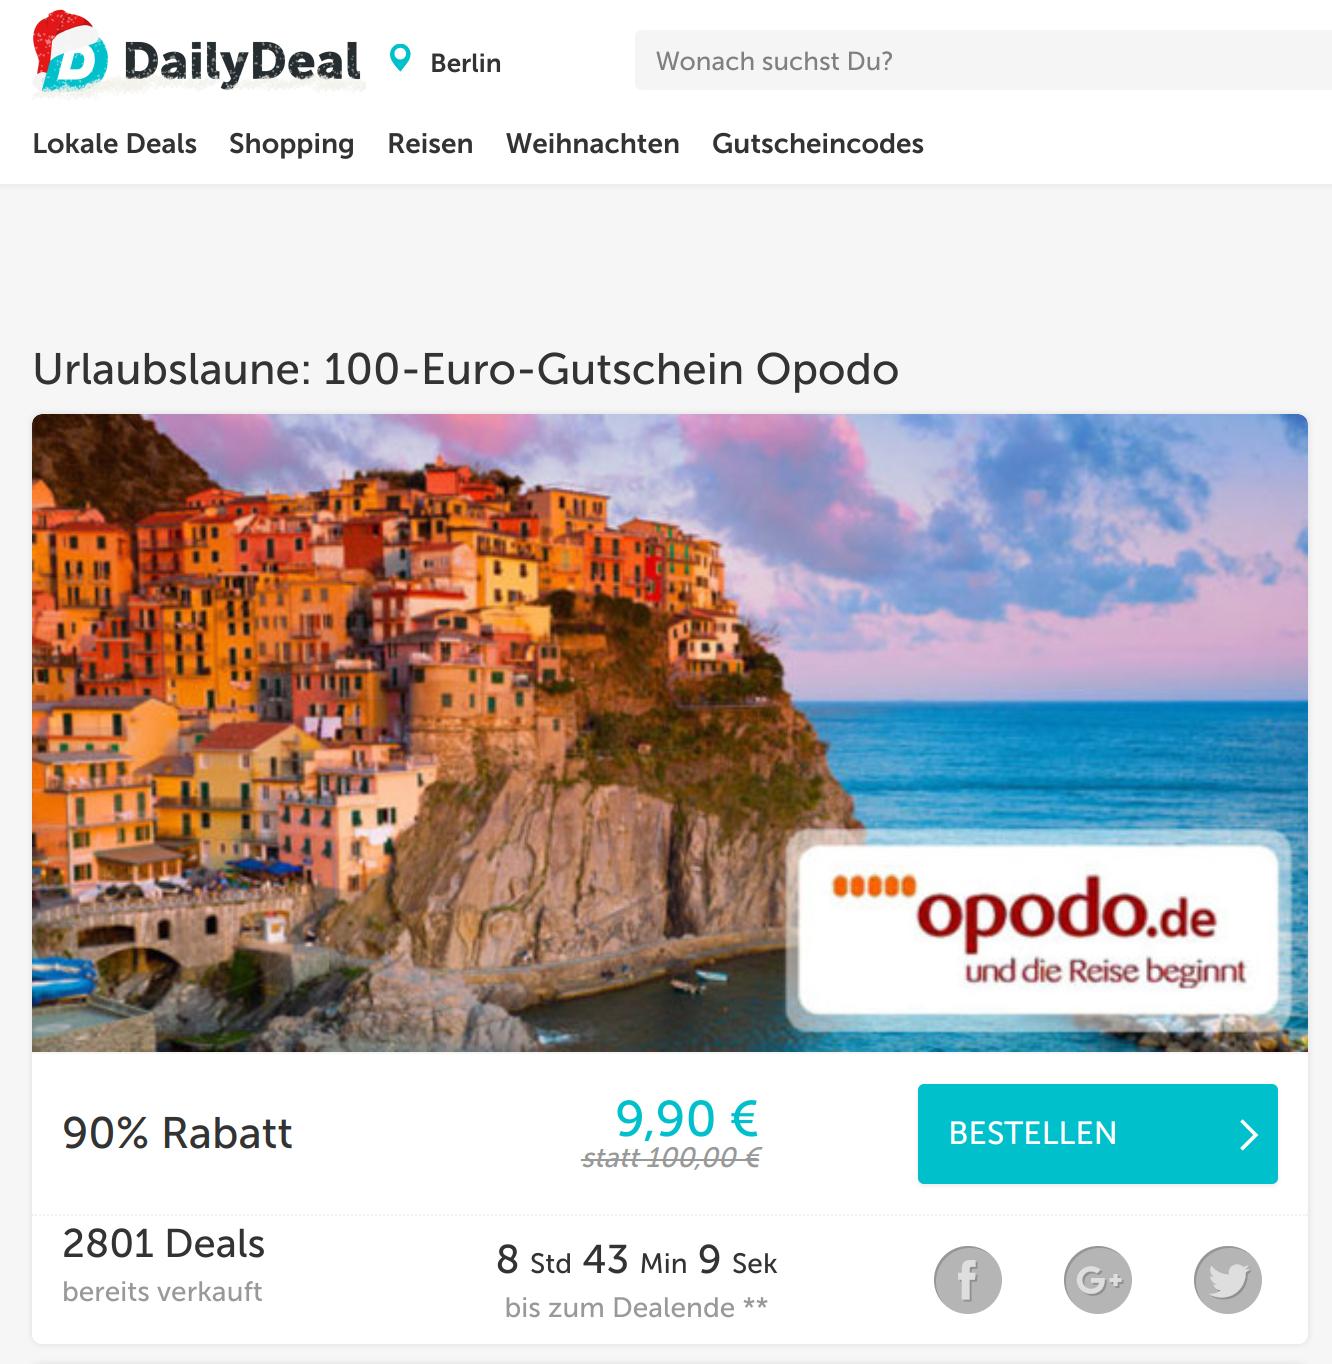 [Dailydeal] Opodo-Gutschein für Pauschalreisen: 100 Euro Wert für 9,90 Euro (400 € MBW)